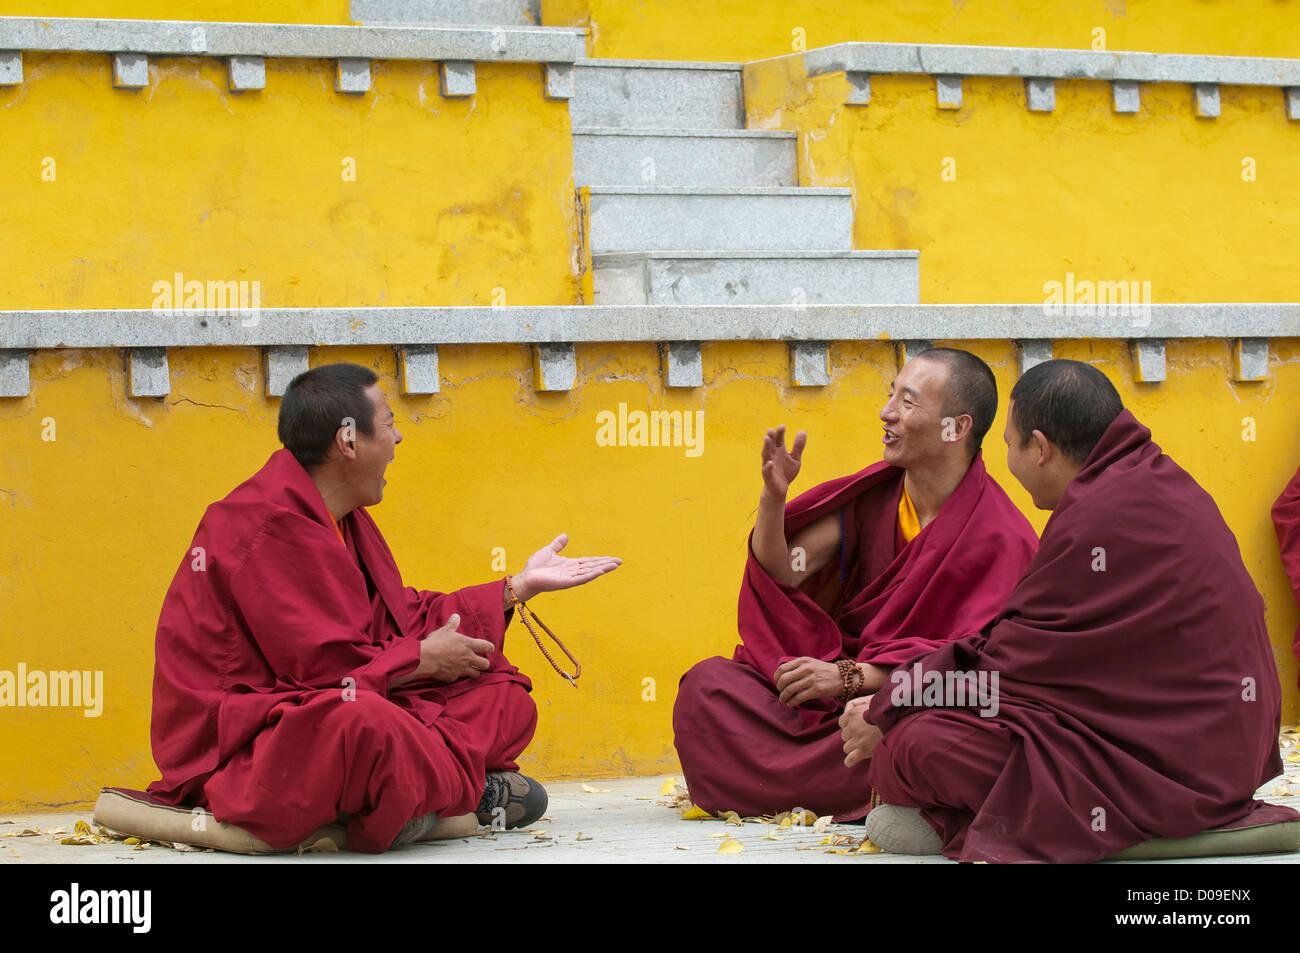 Buddhist monks engage in spirited debate, Drigung Thel Monastery, Tibet, China - Stock Image